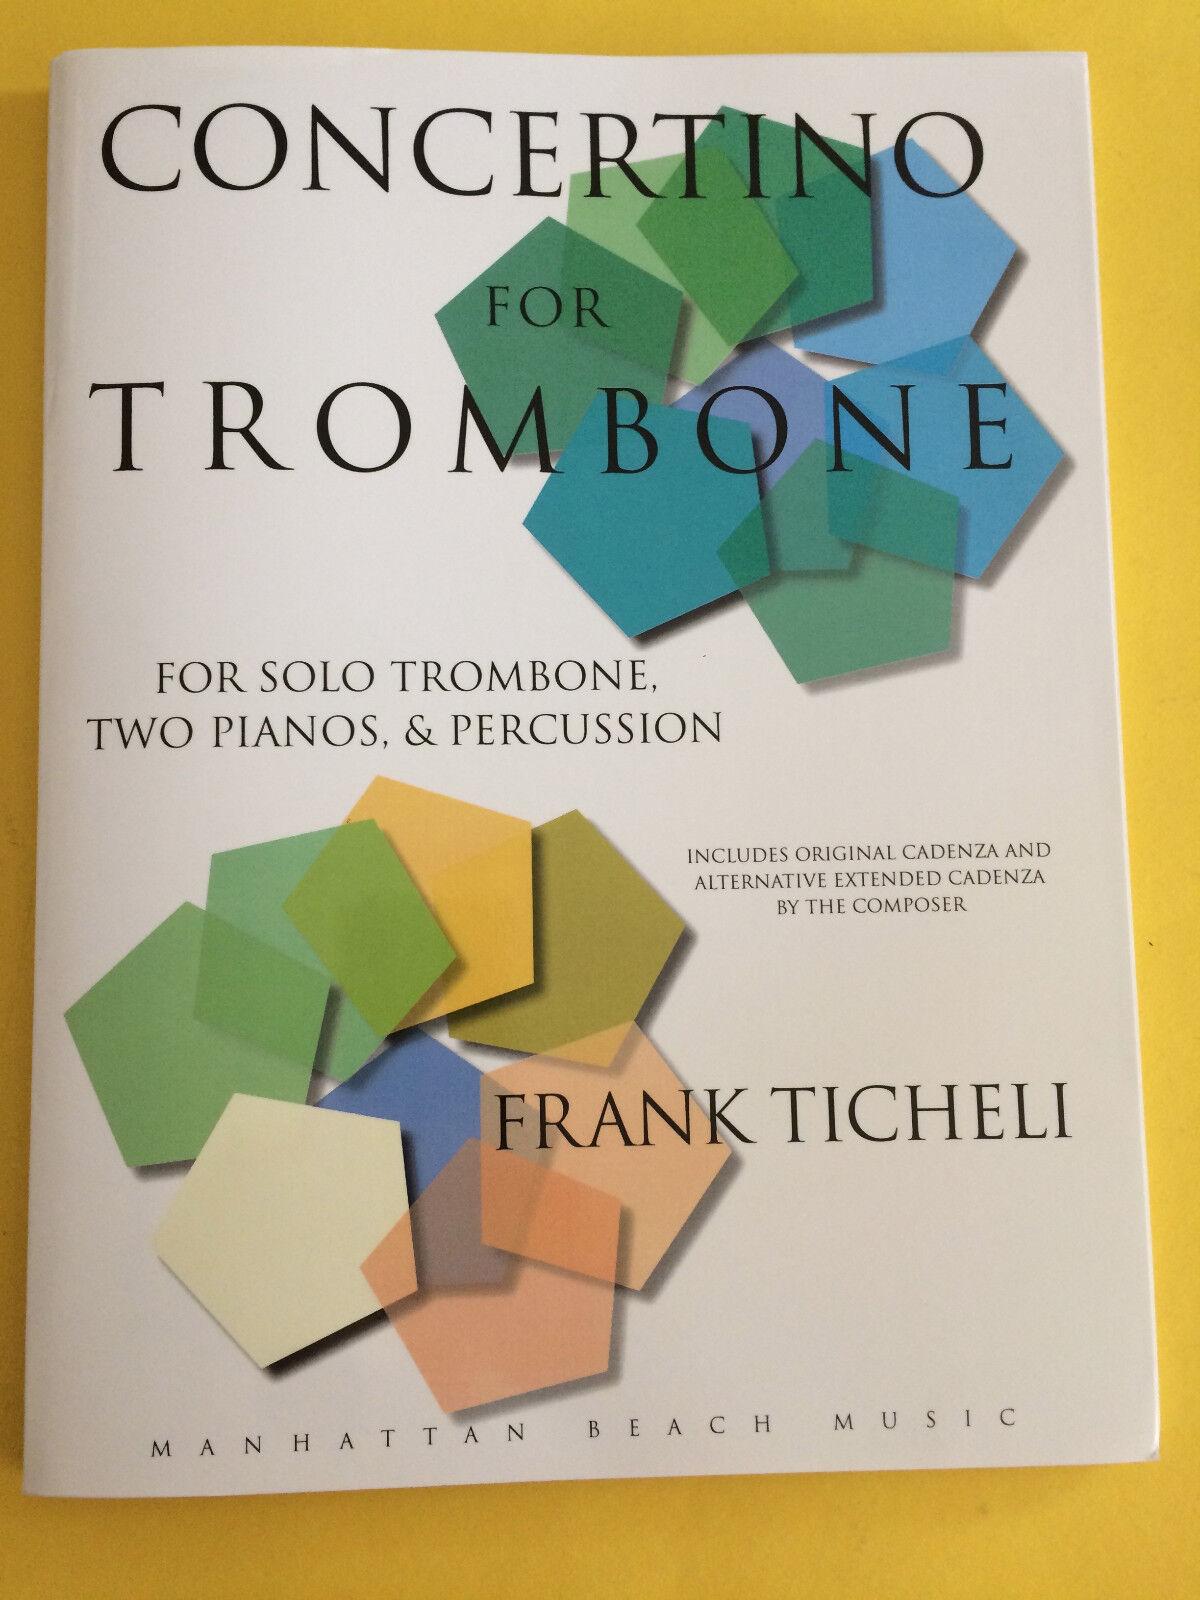 Concertino For Trombone, Frank Ticheli